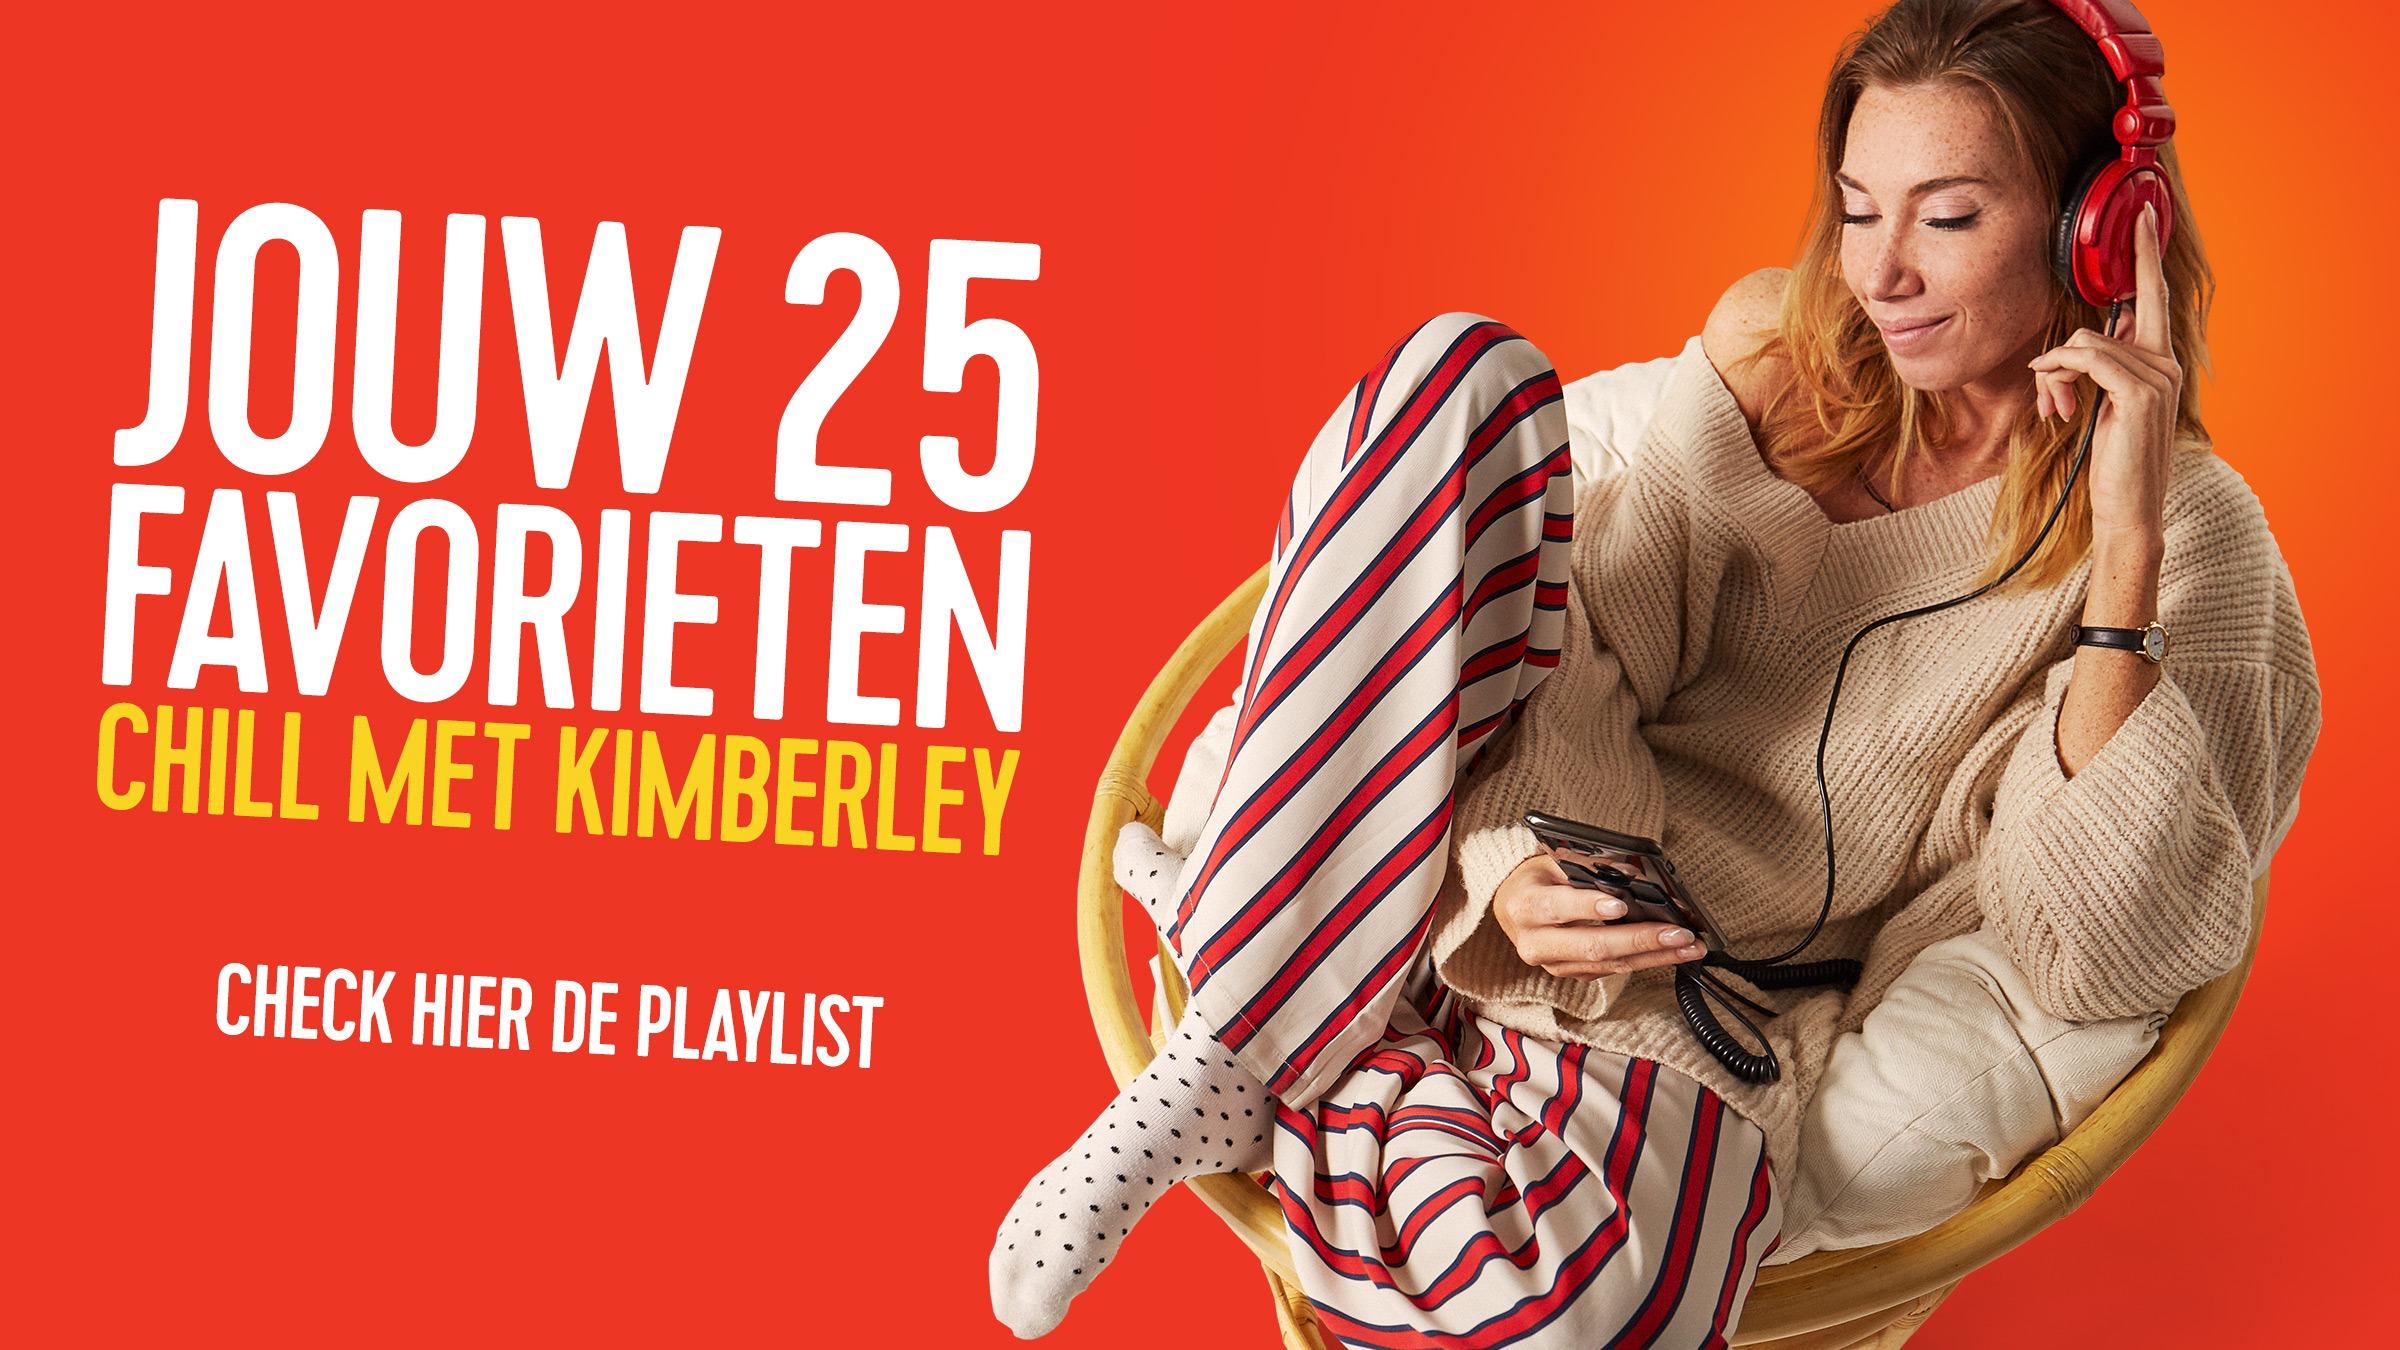 Qmusic teaser chill met kimberley v2